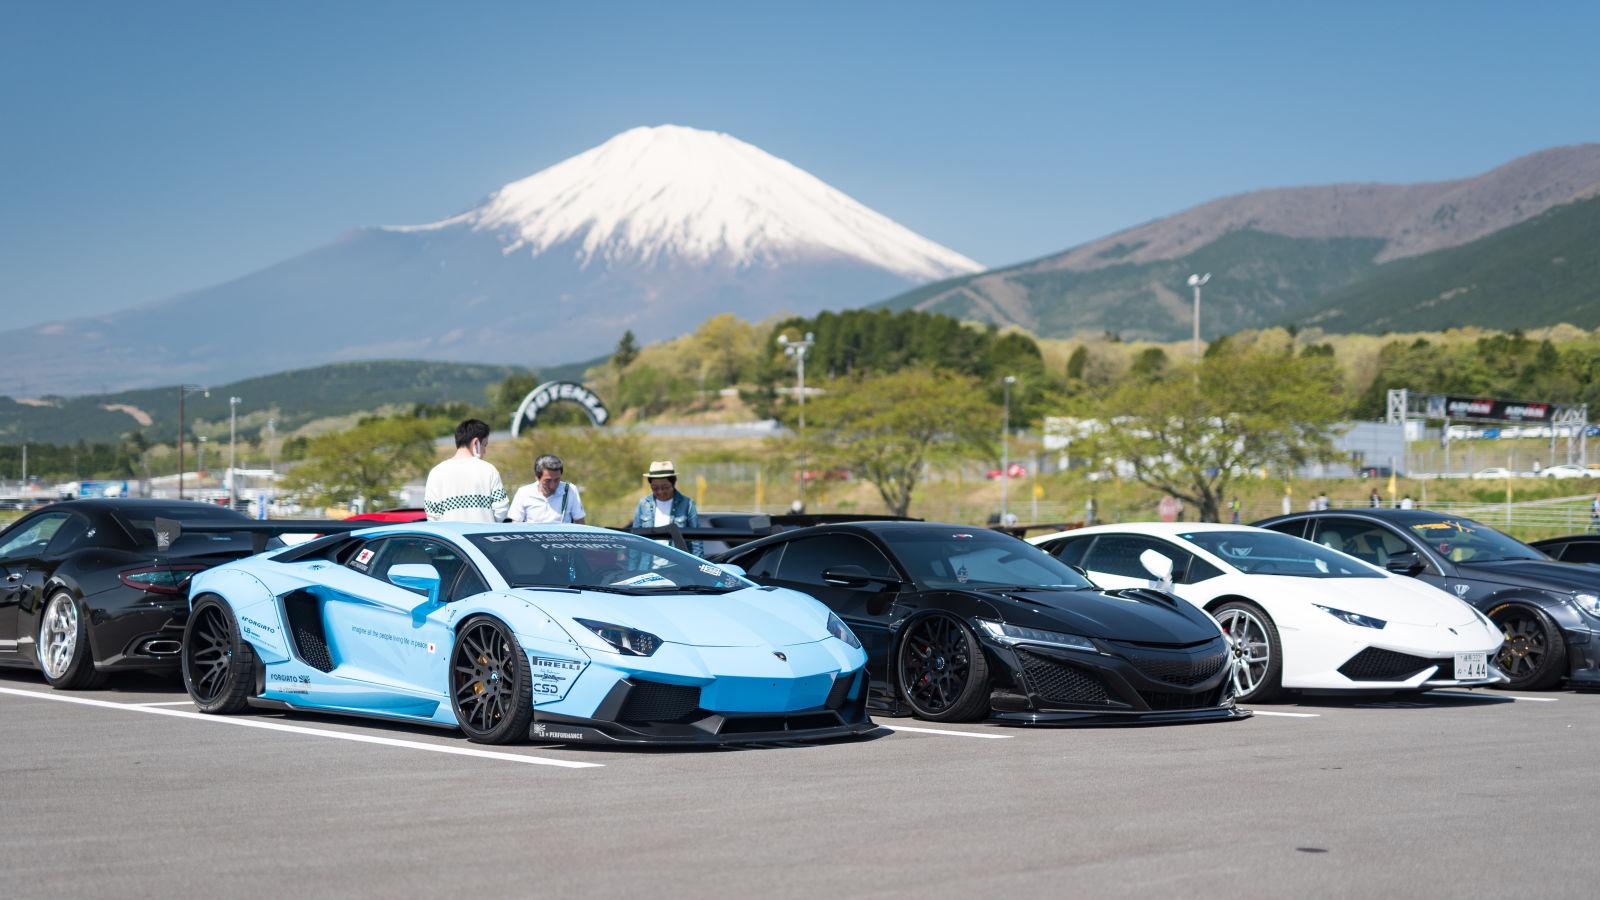 مهرجانات السيارات في اليابان